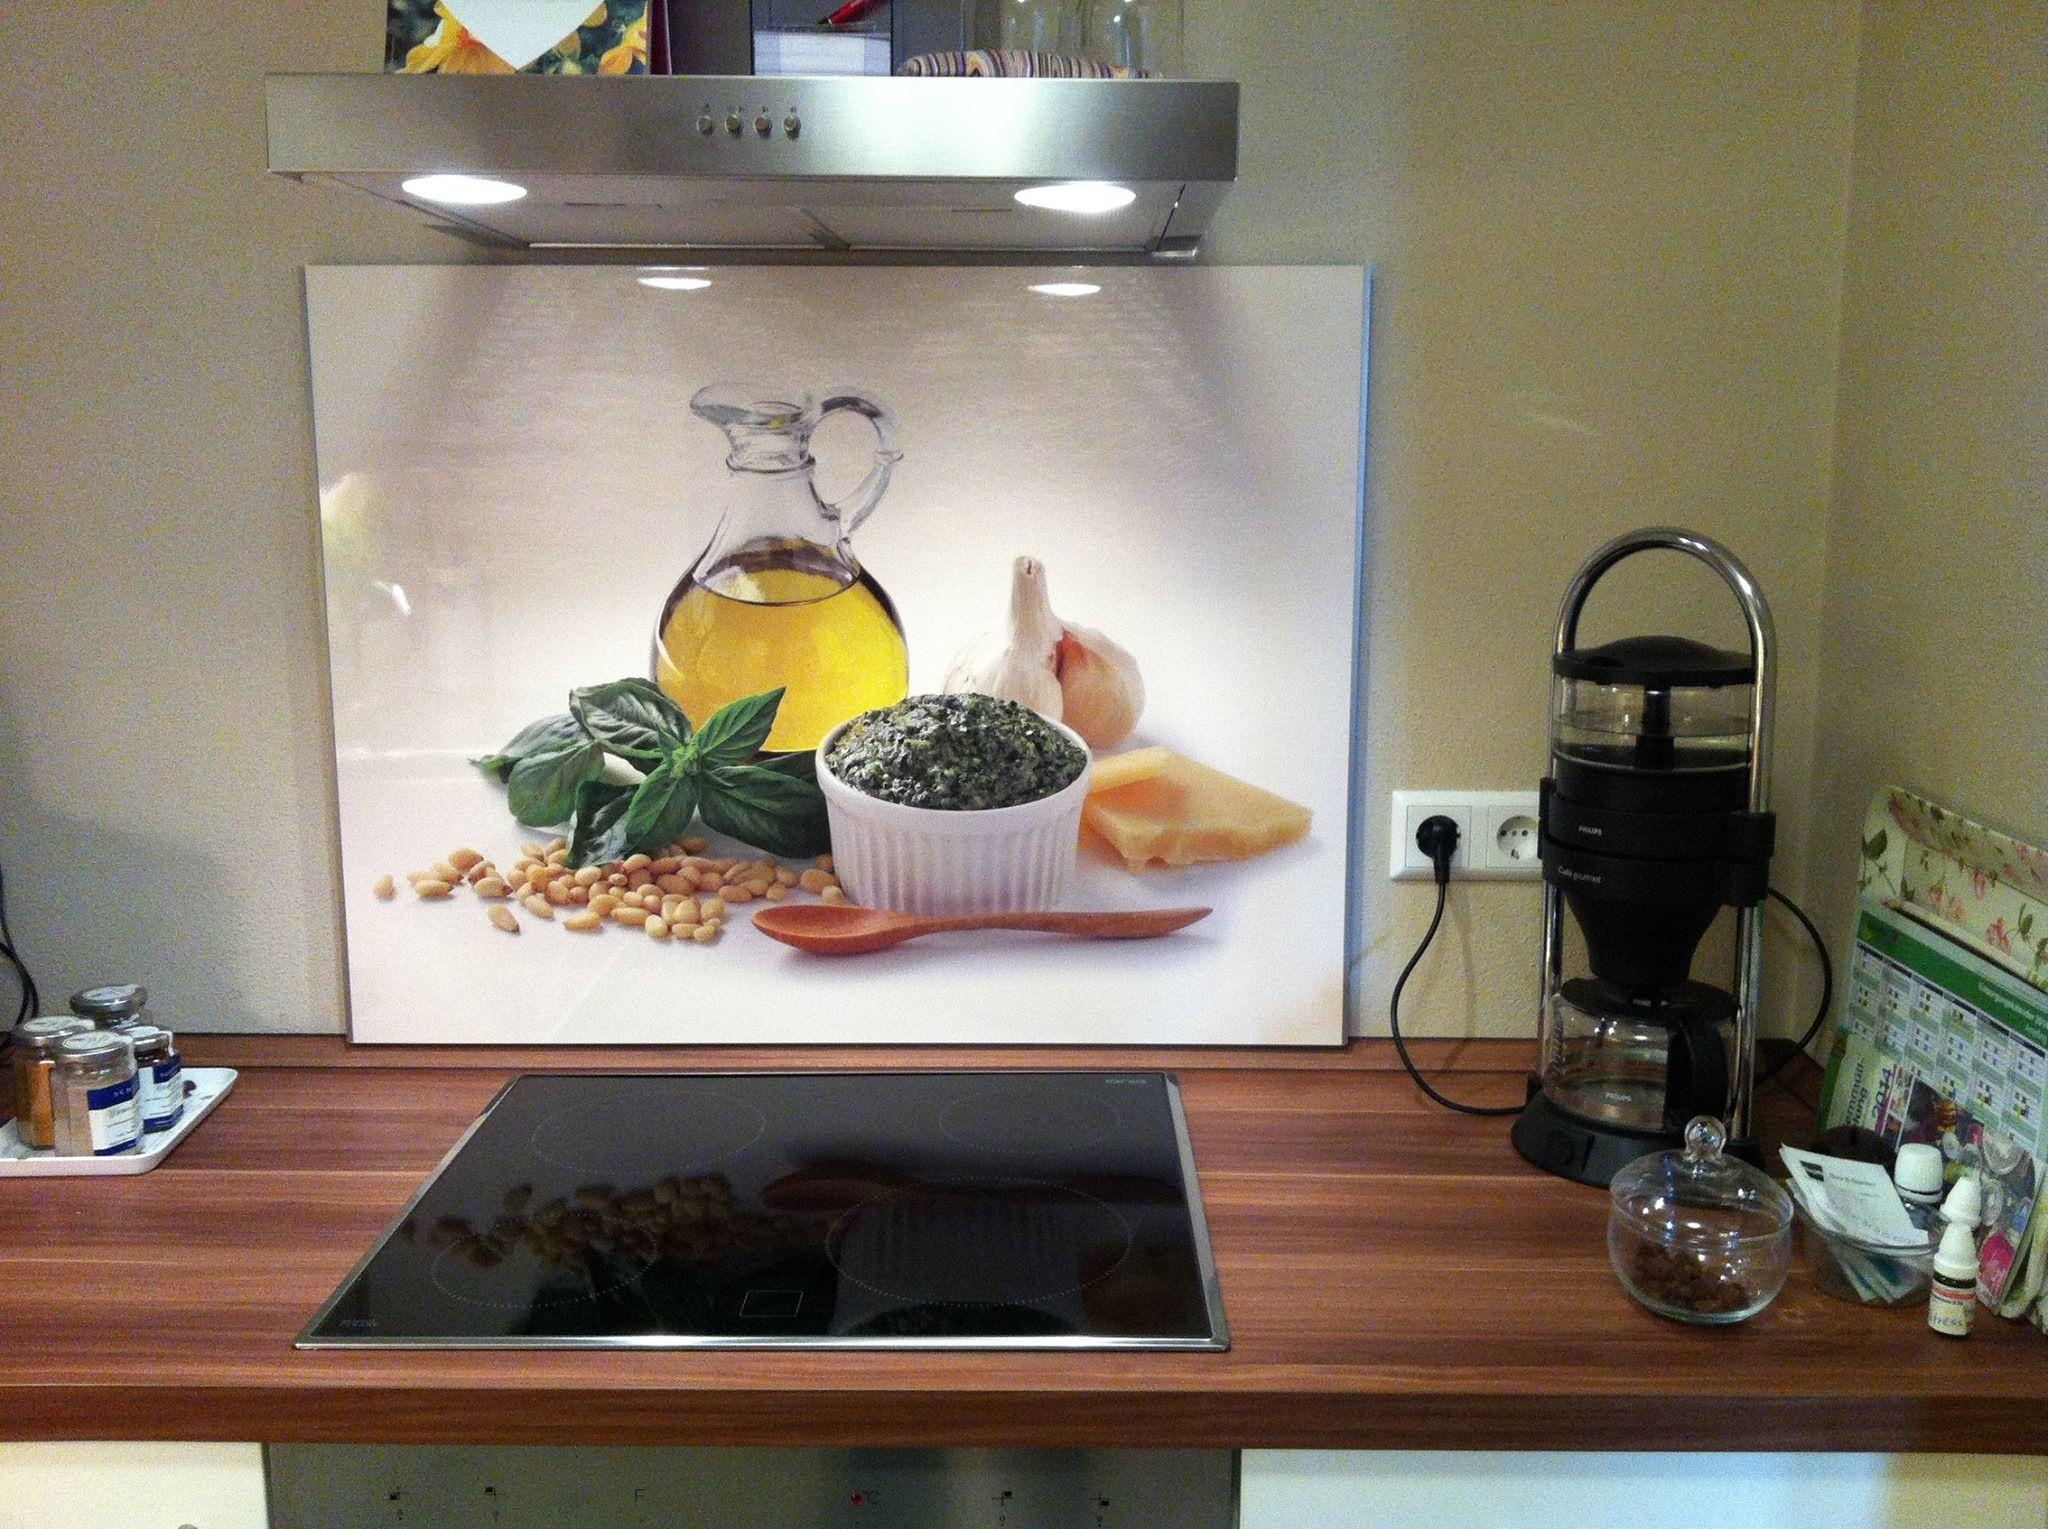 Küchennischen unsere küchennischen bestehen übrigens aus 4 mm starkem